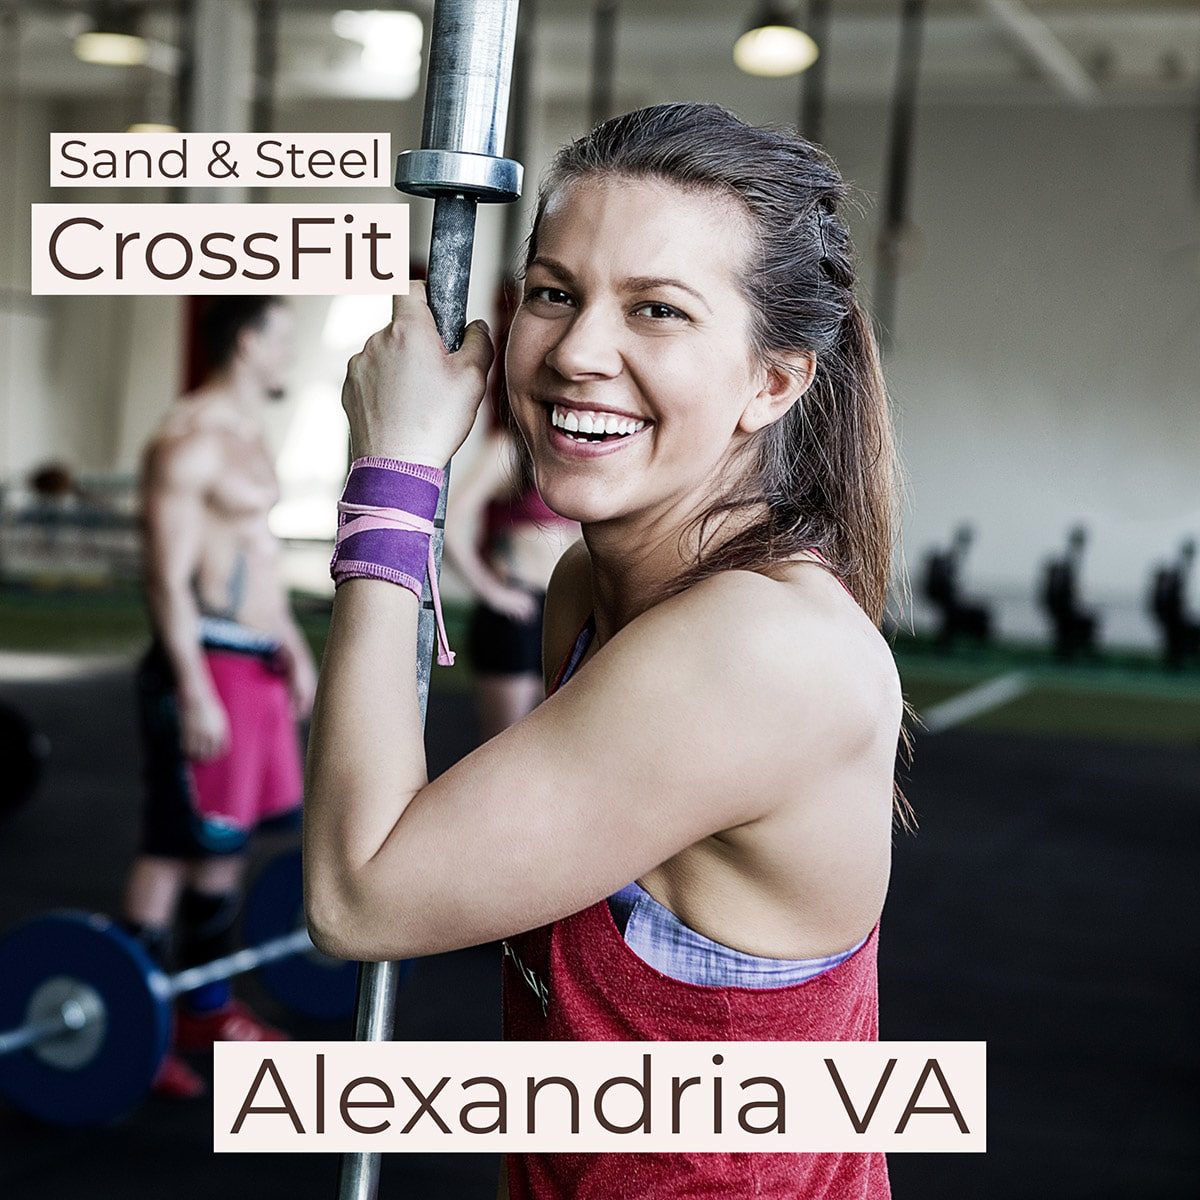 CrossFit Alexandria VA Sand and Steel